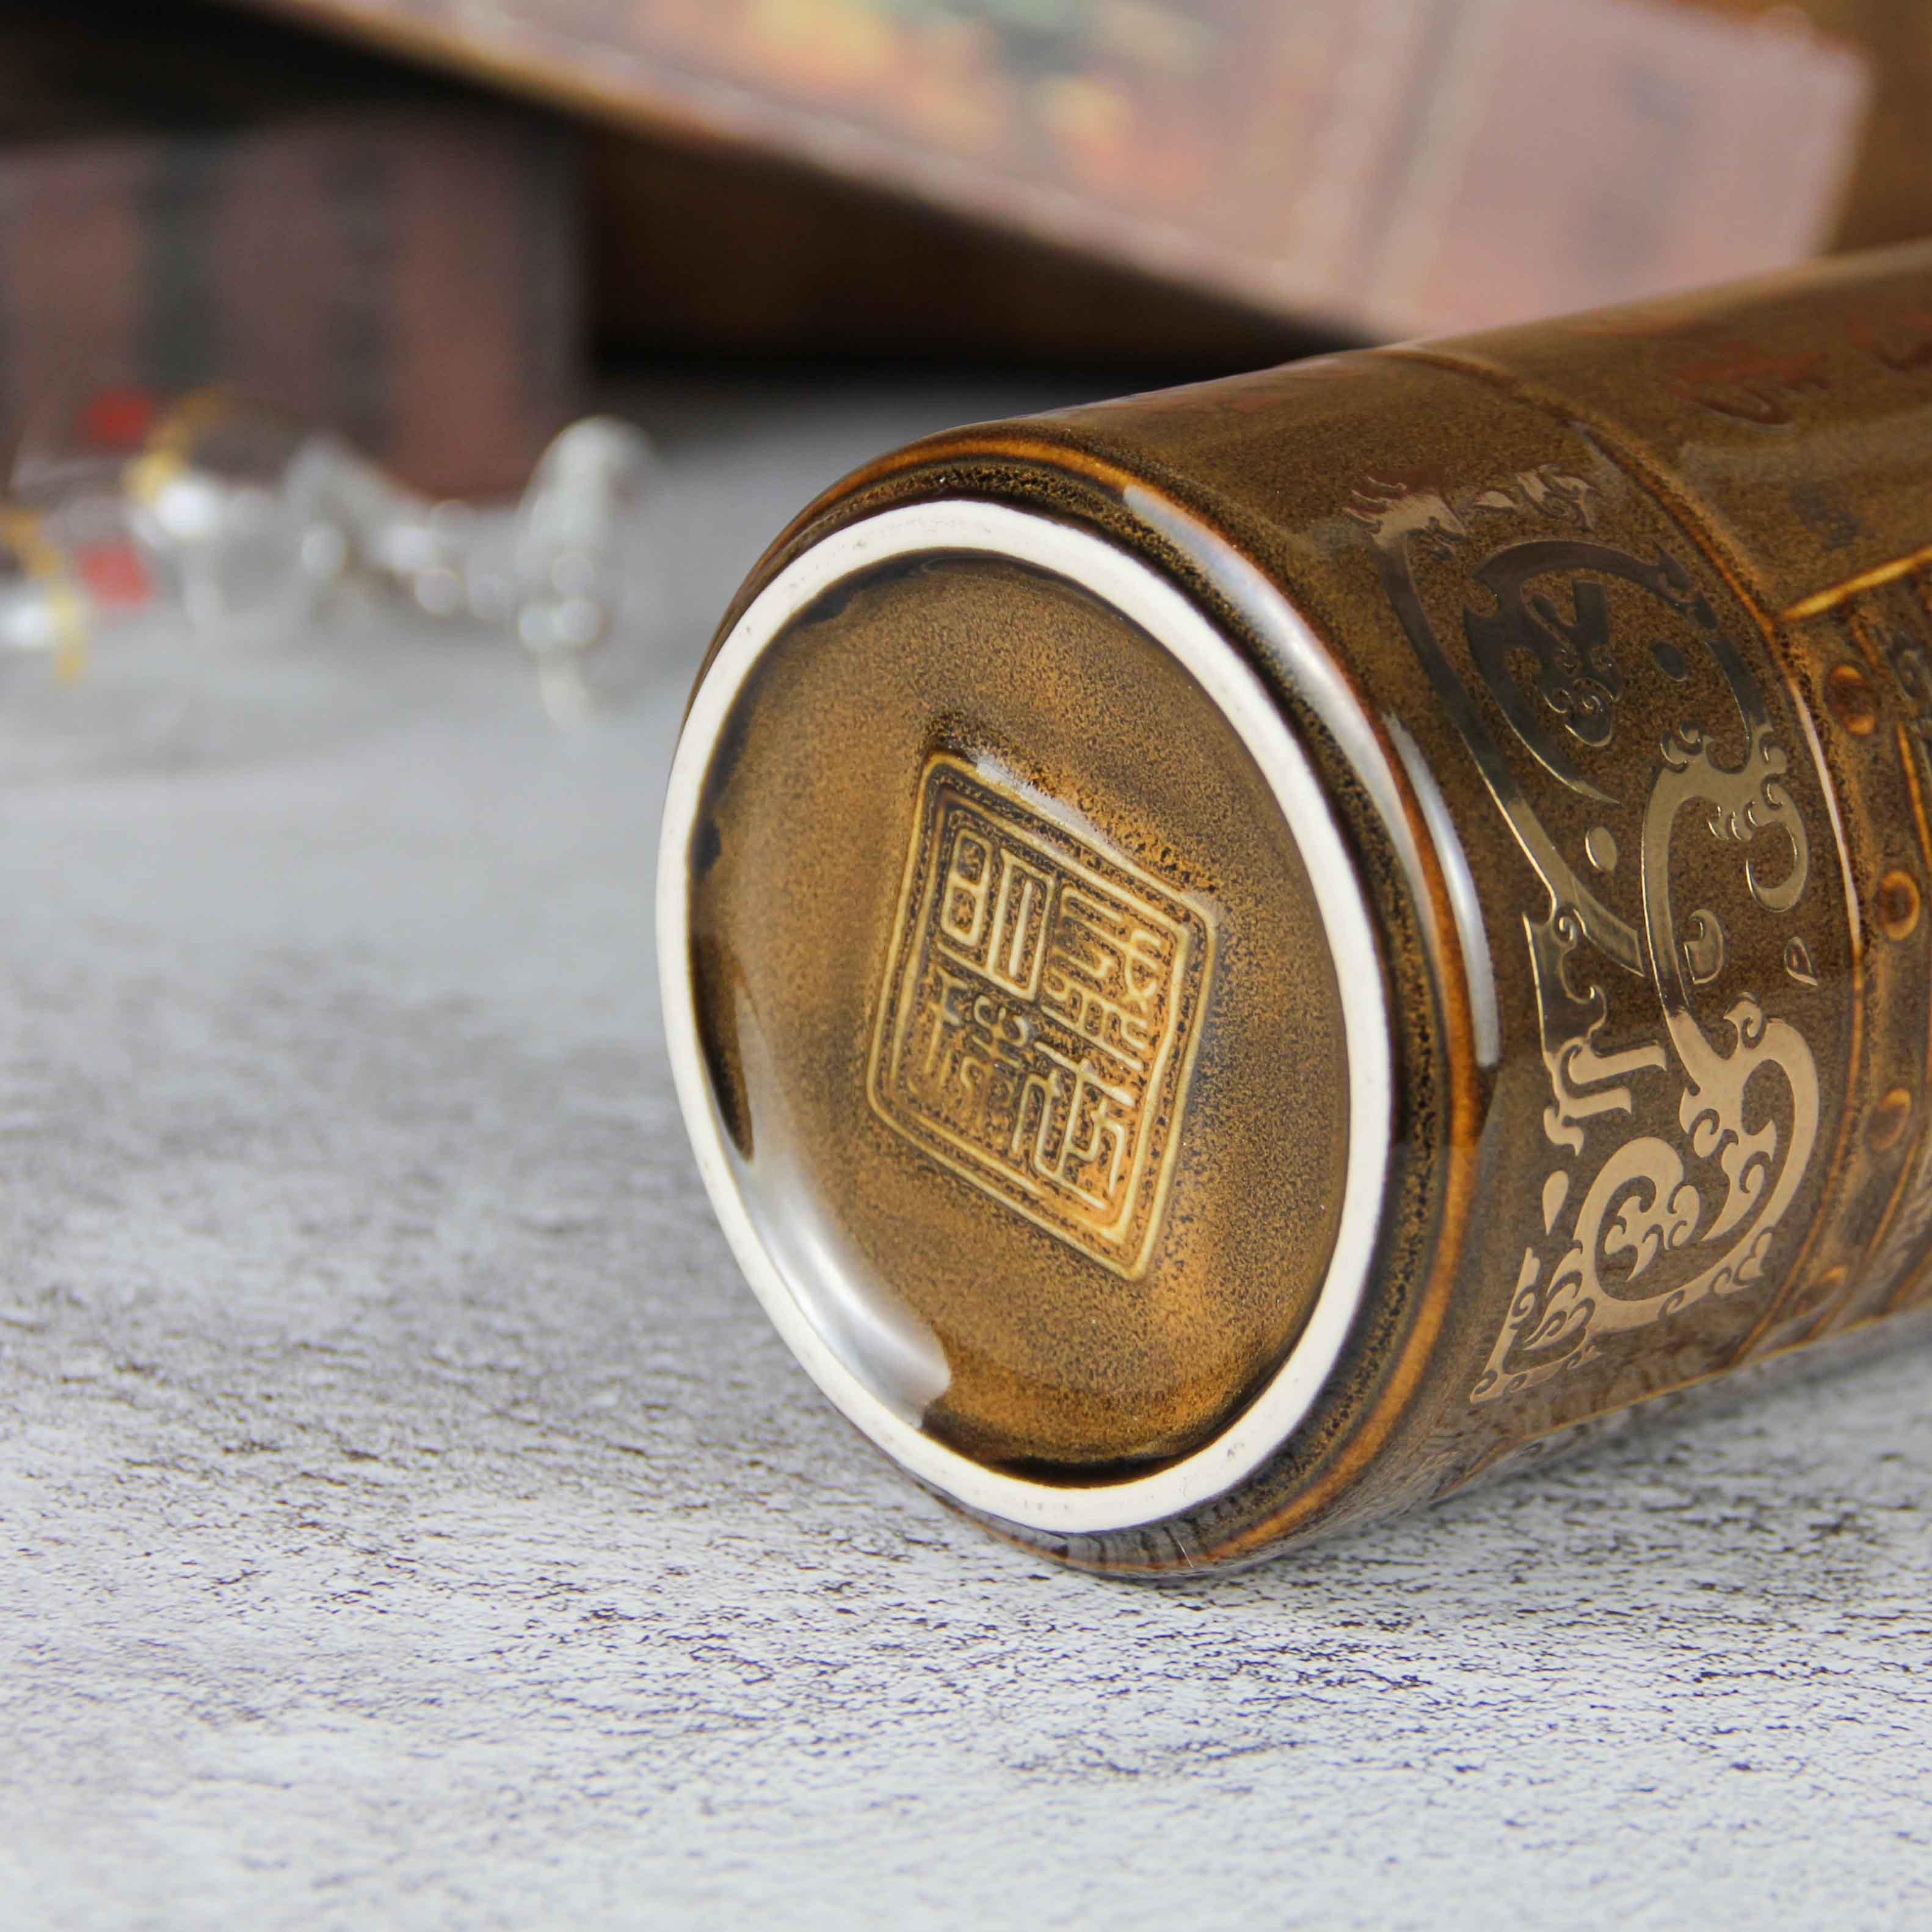 中国贵州茅台镇盛世酱珠酱香型白酒